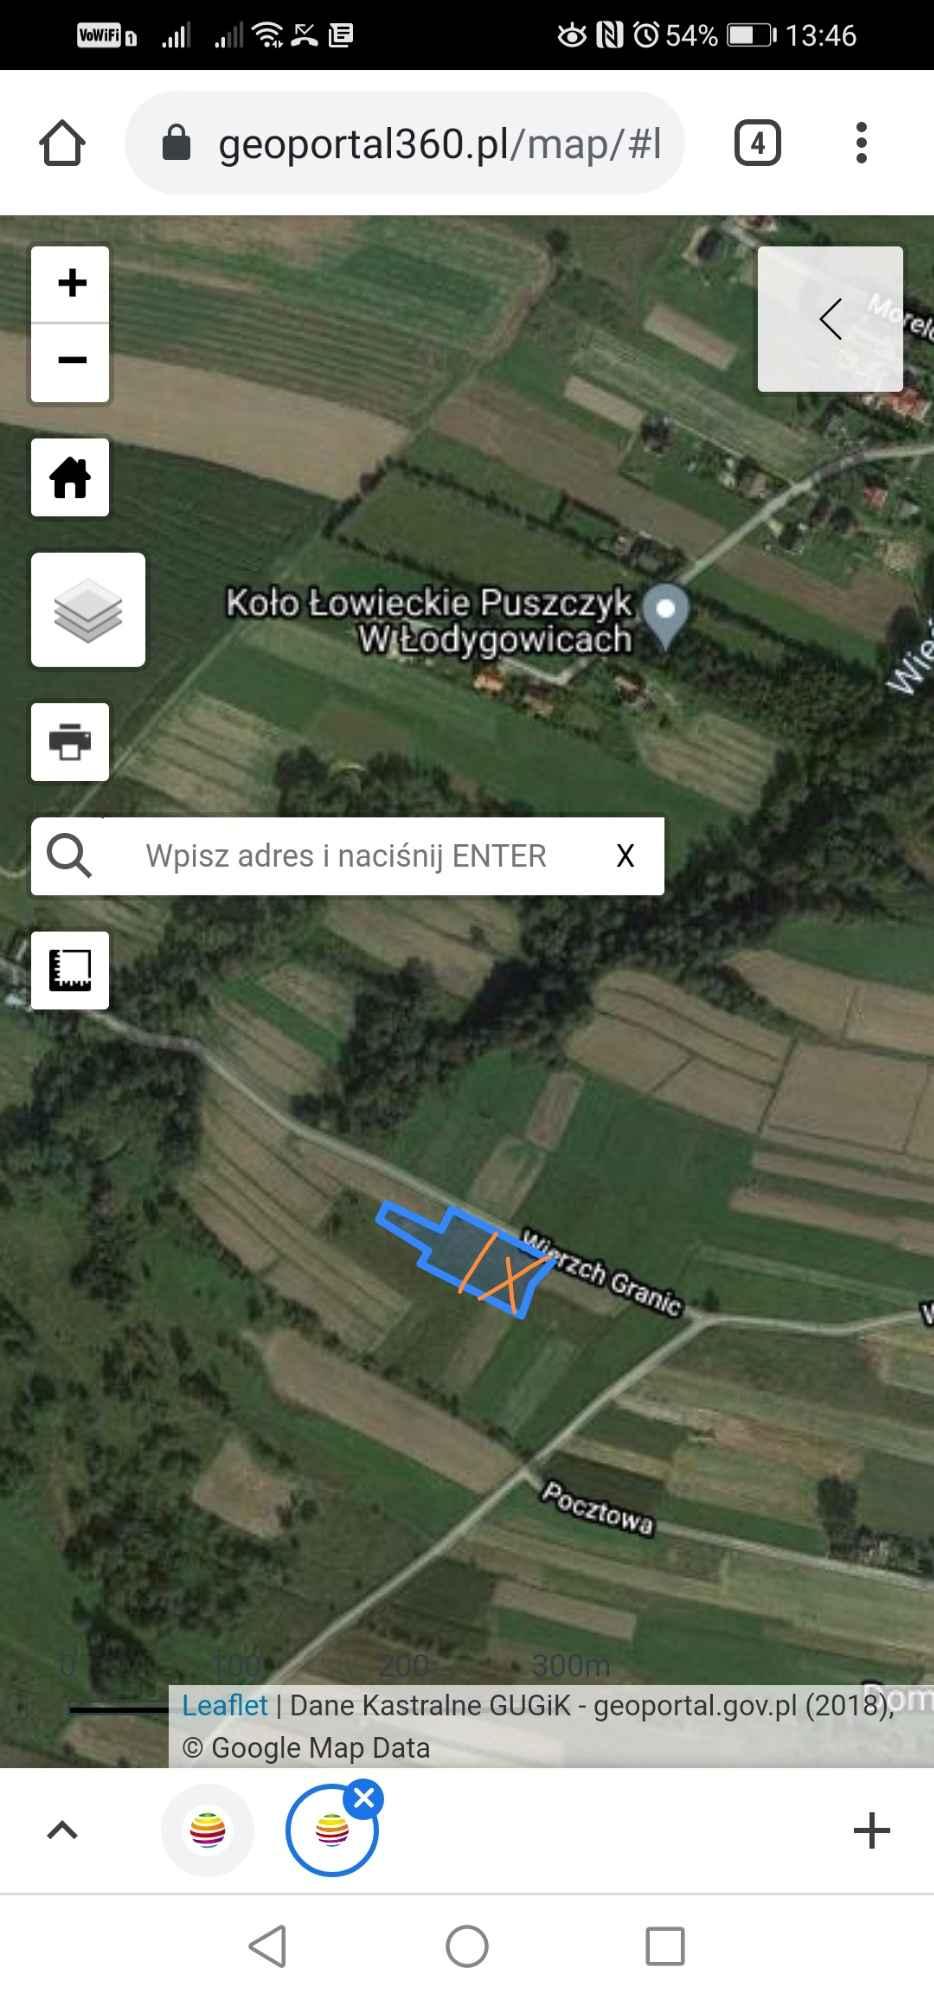 Działka budowlana 13 arów plus 3 ary prywatnej drogi dojazdowej Pietrzykowice - zdjęcie 8